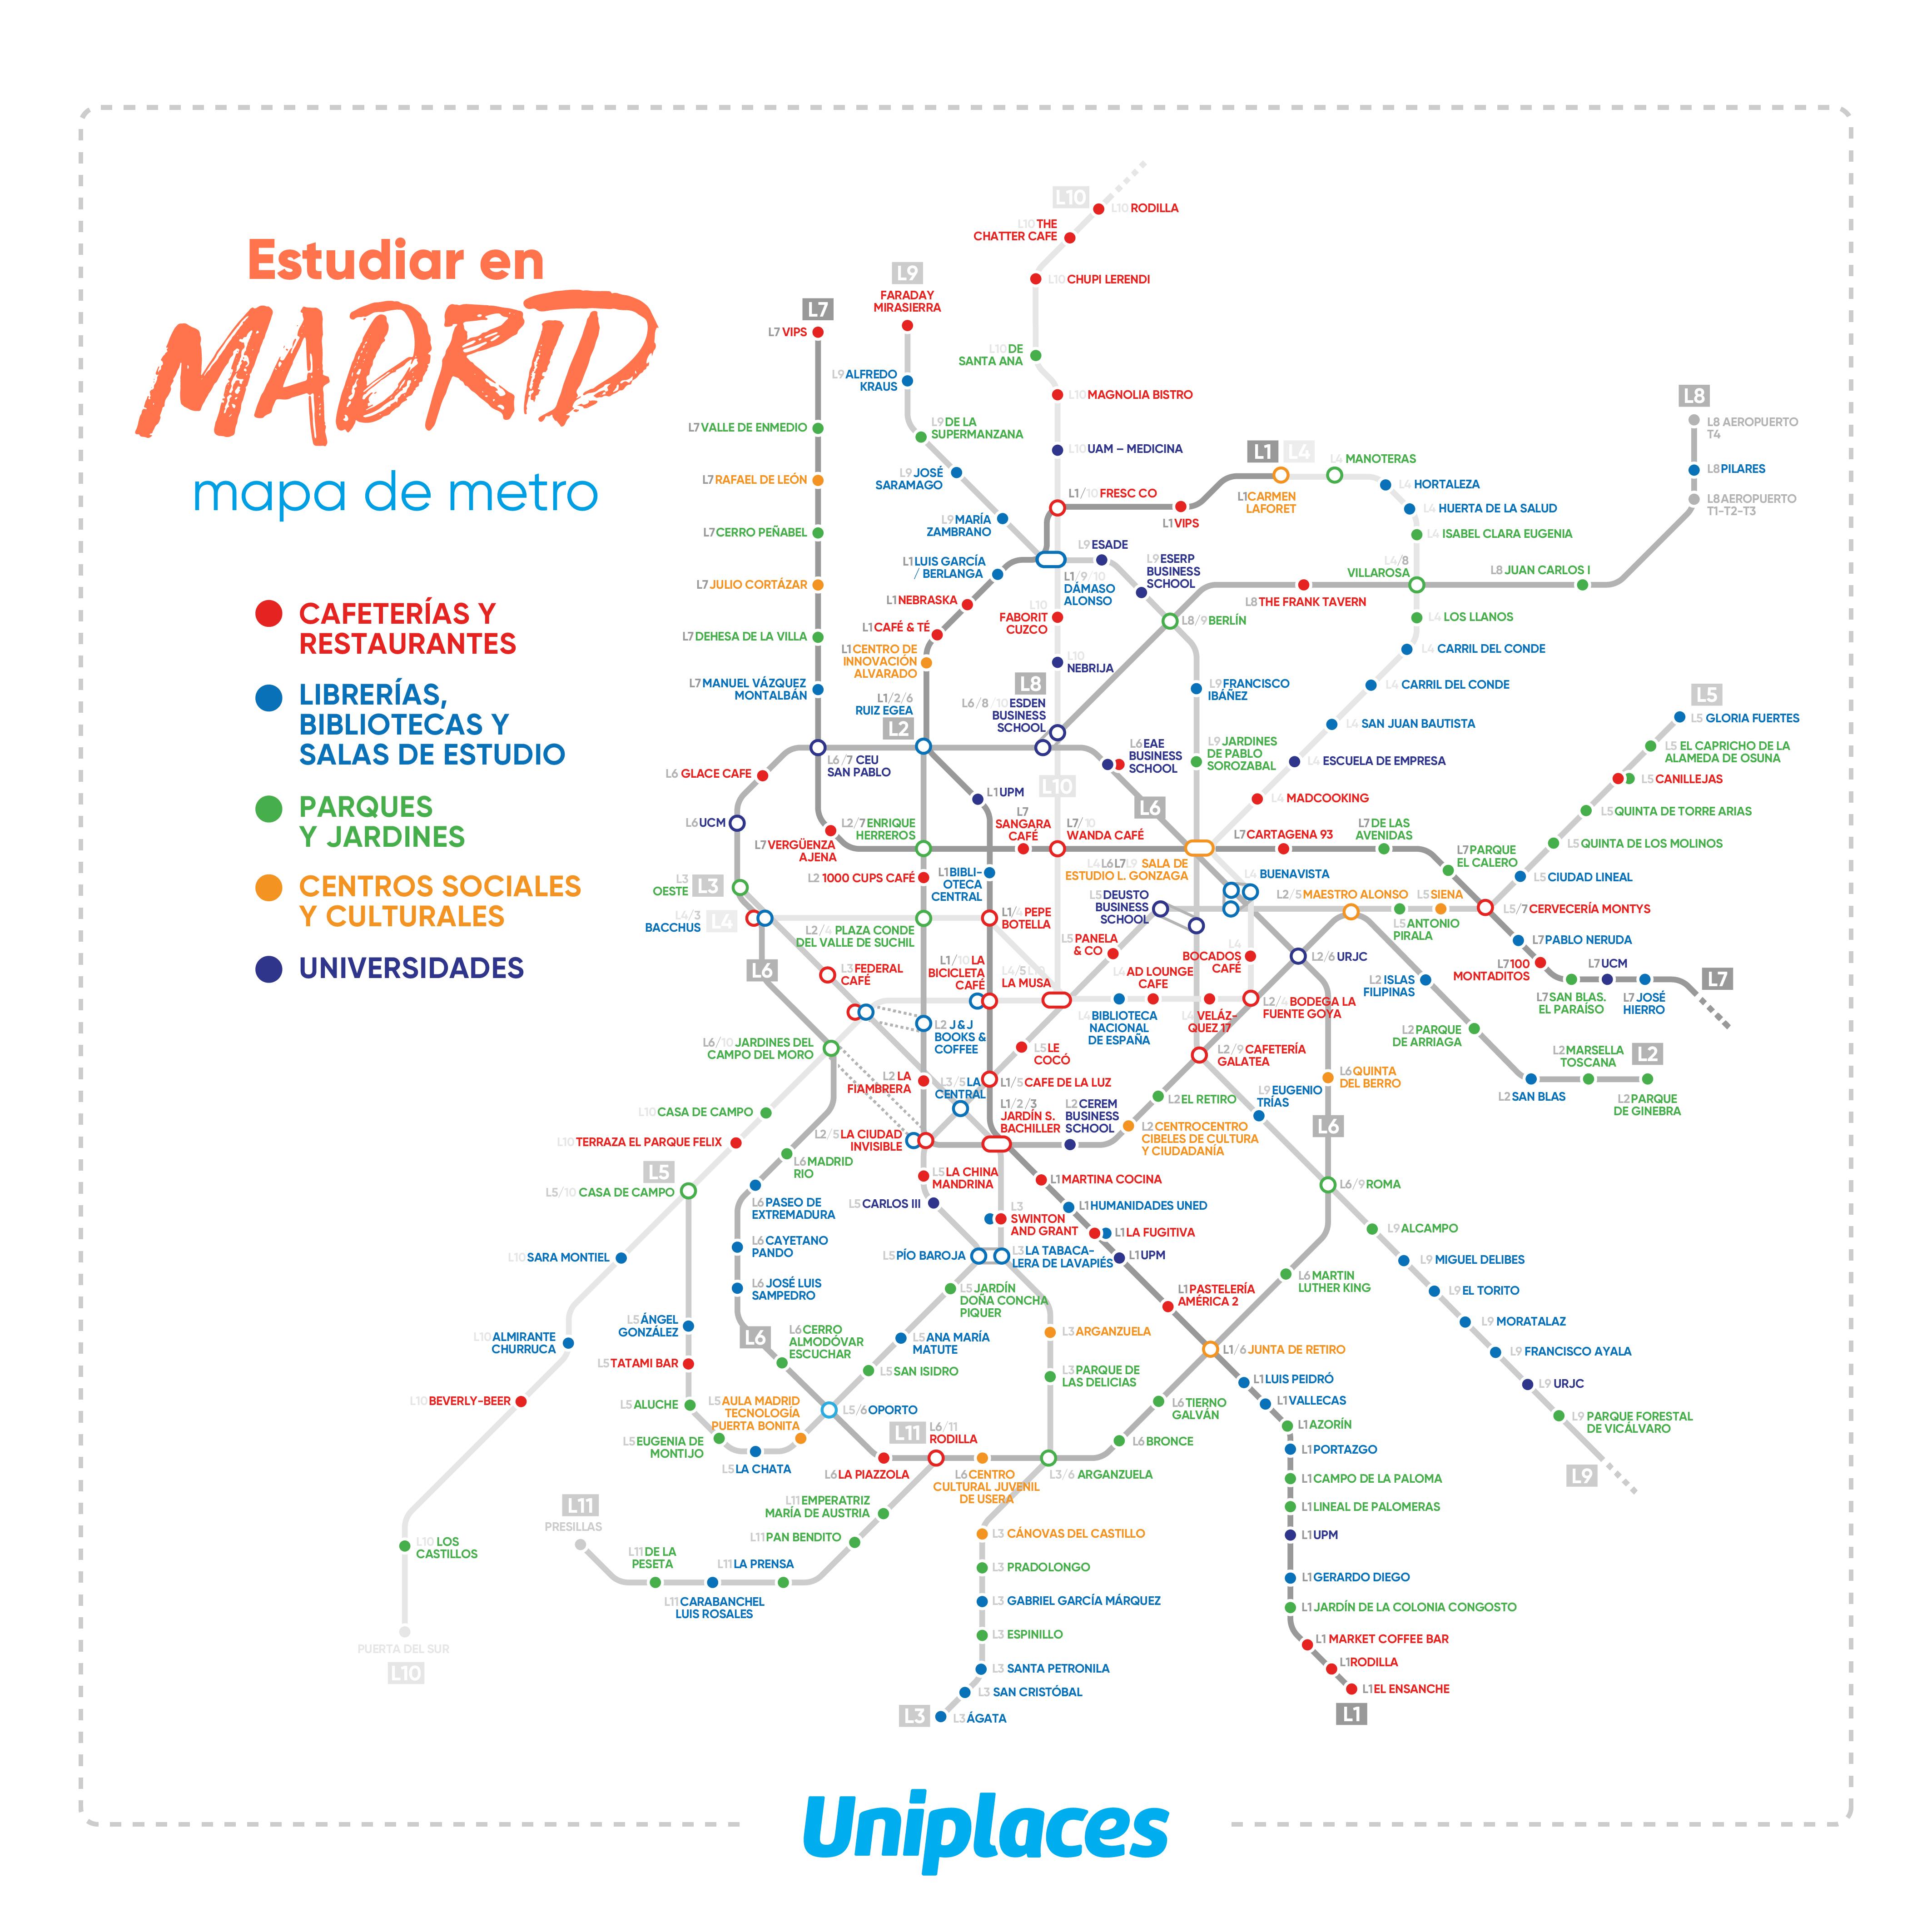 Mapa-metro-madrid-estudiar.png (4253×4253)